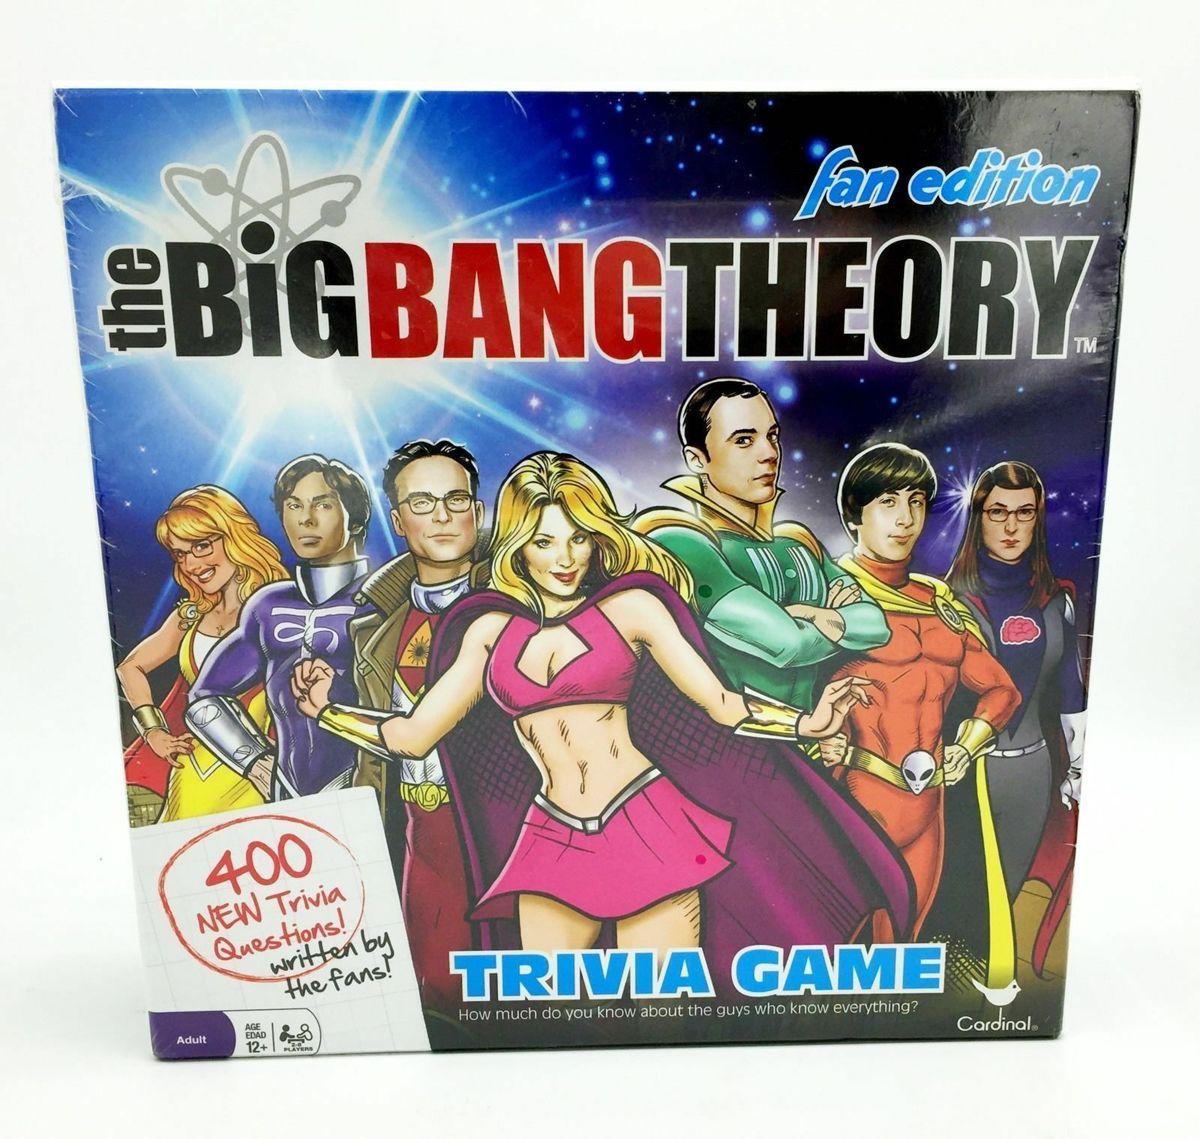 The big bang theory trivia board game (engels)